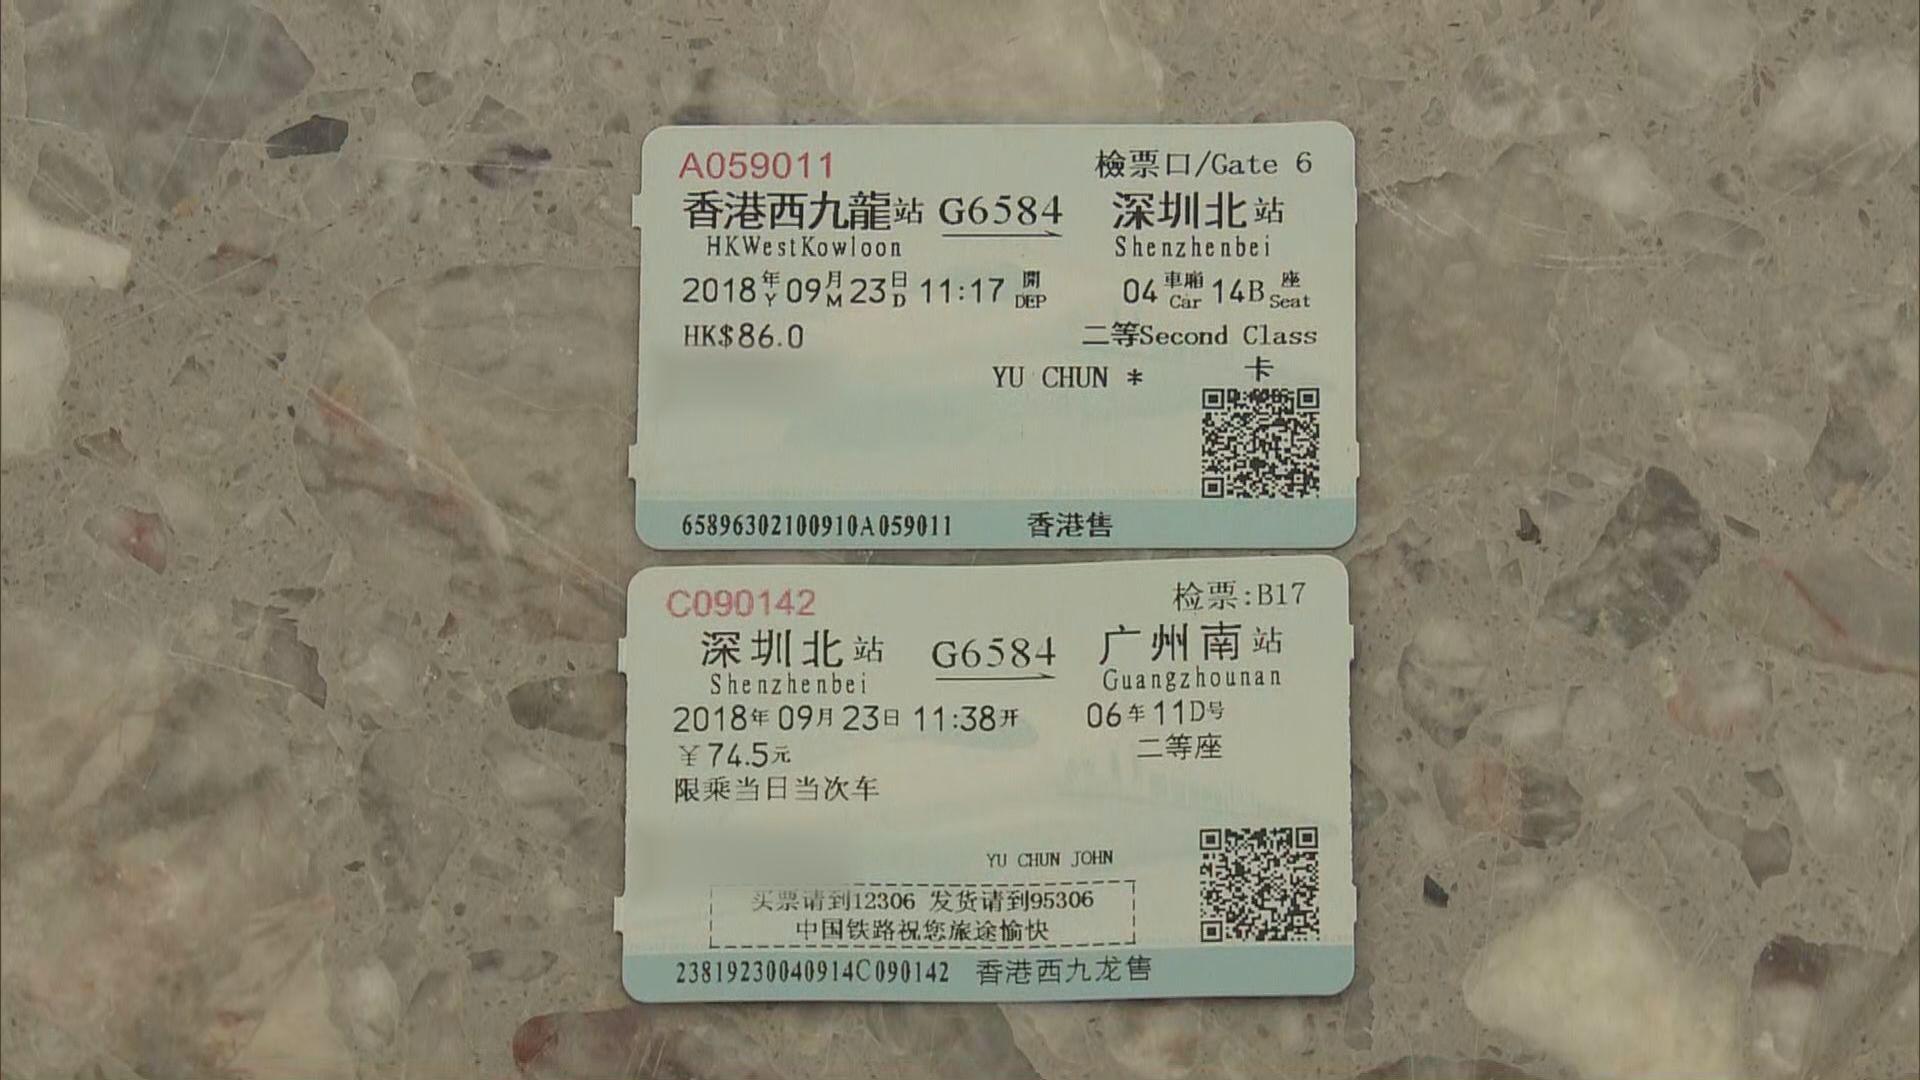 本台成功購買同一班高鐵分段車票